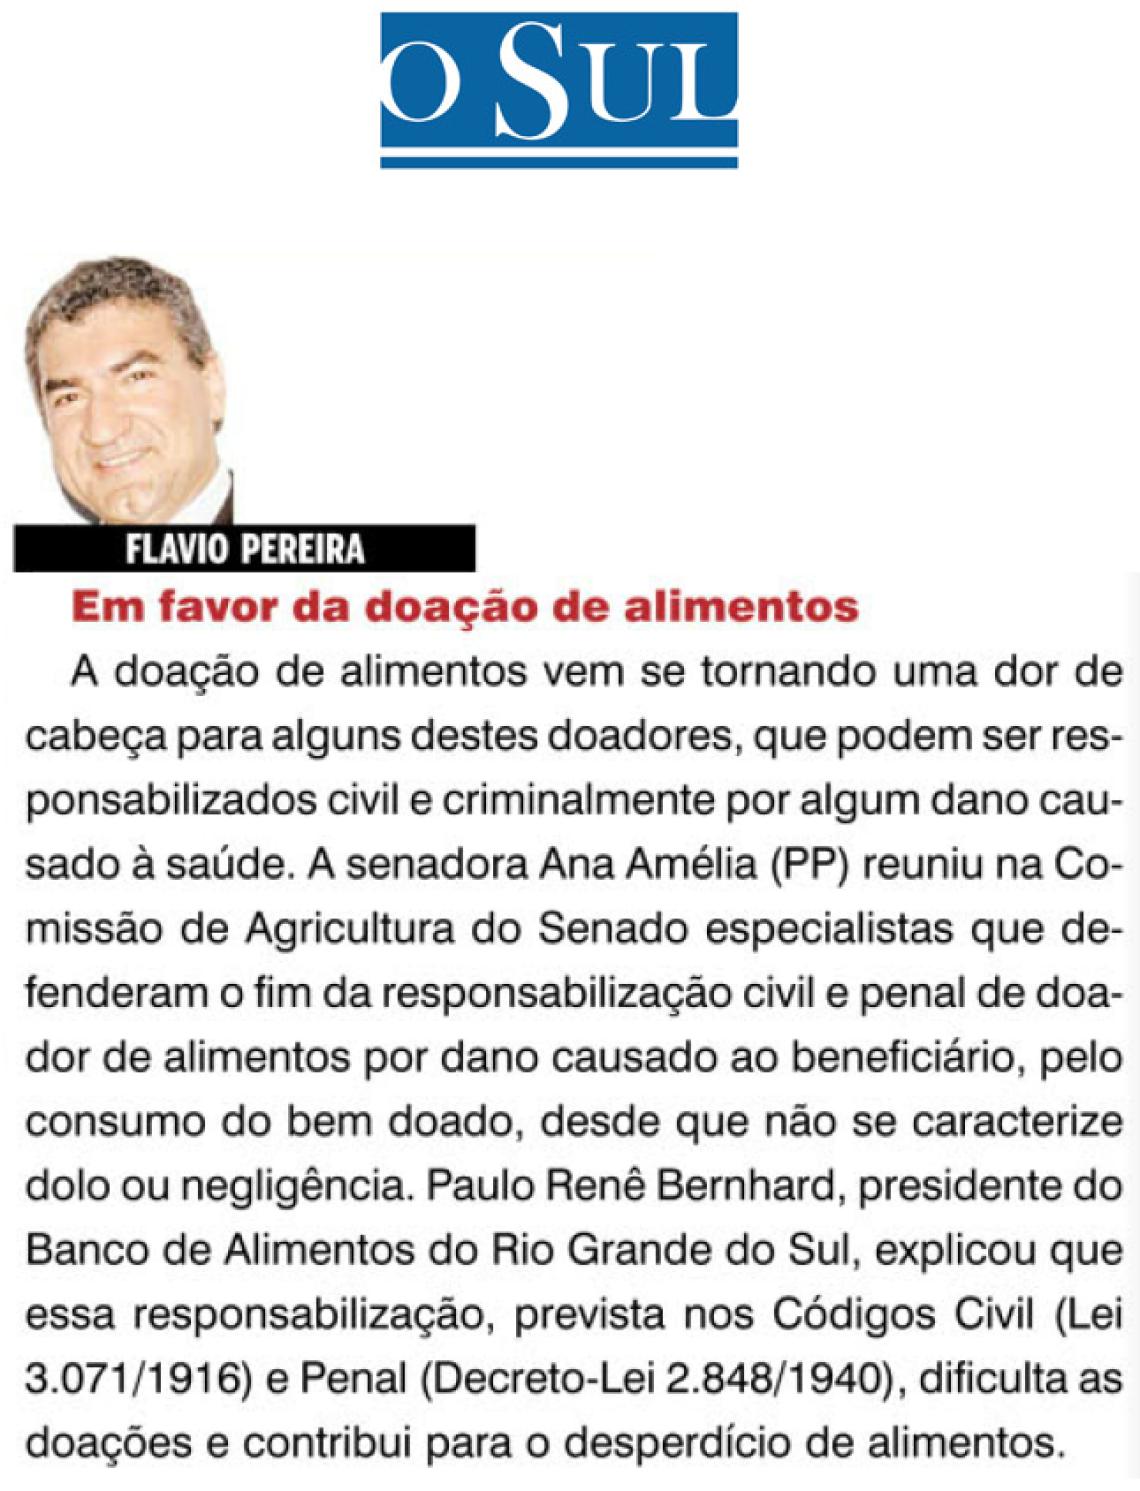 O Sul: Flavio Pereira - Em favor da doação de alimentos